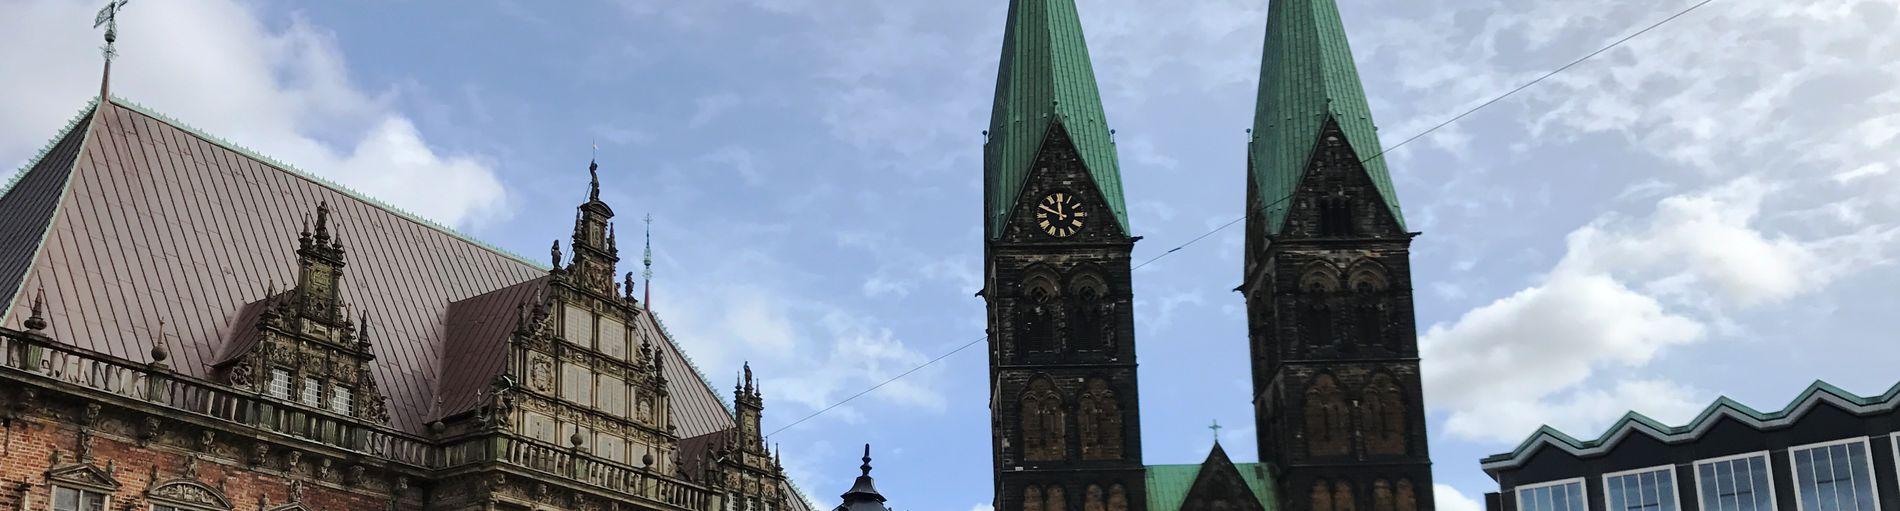 Blick auf Rathaus, Dom und Bürgerschaft auf dem Bremer Marktplatz.